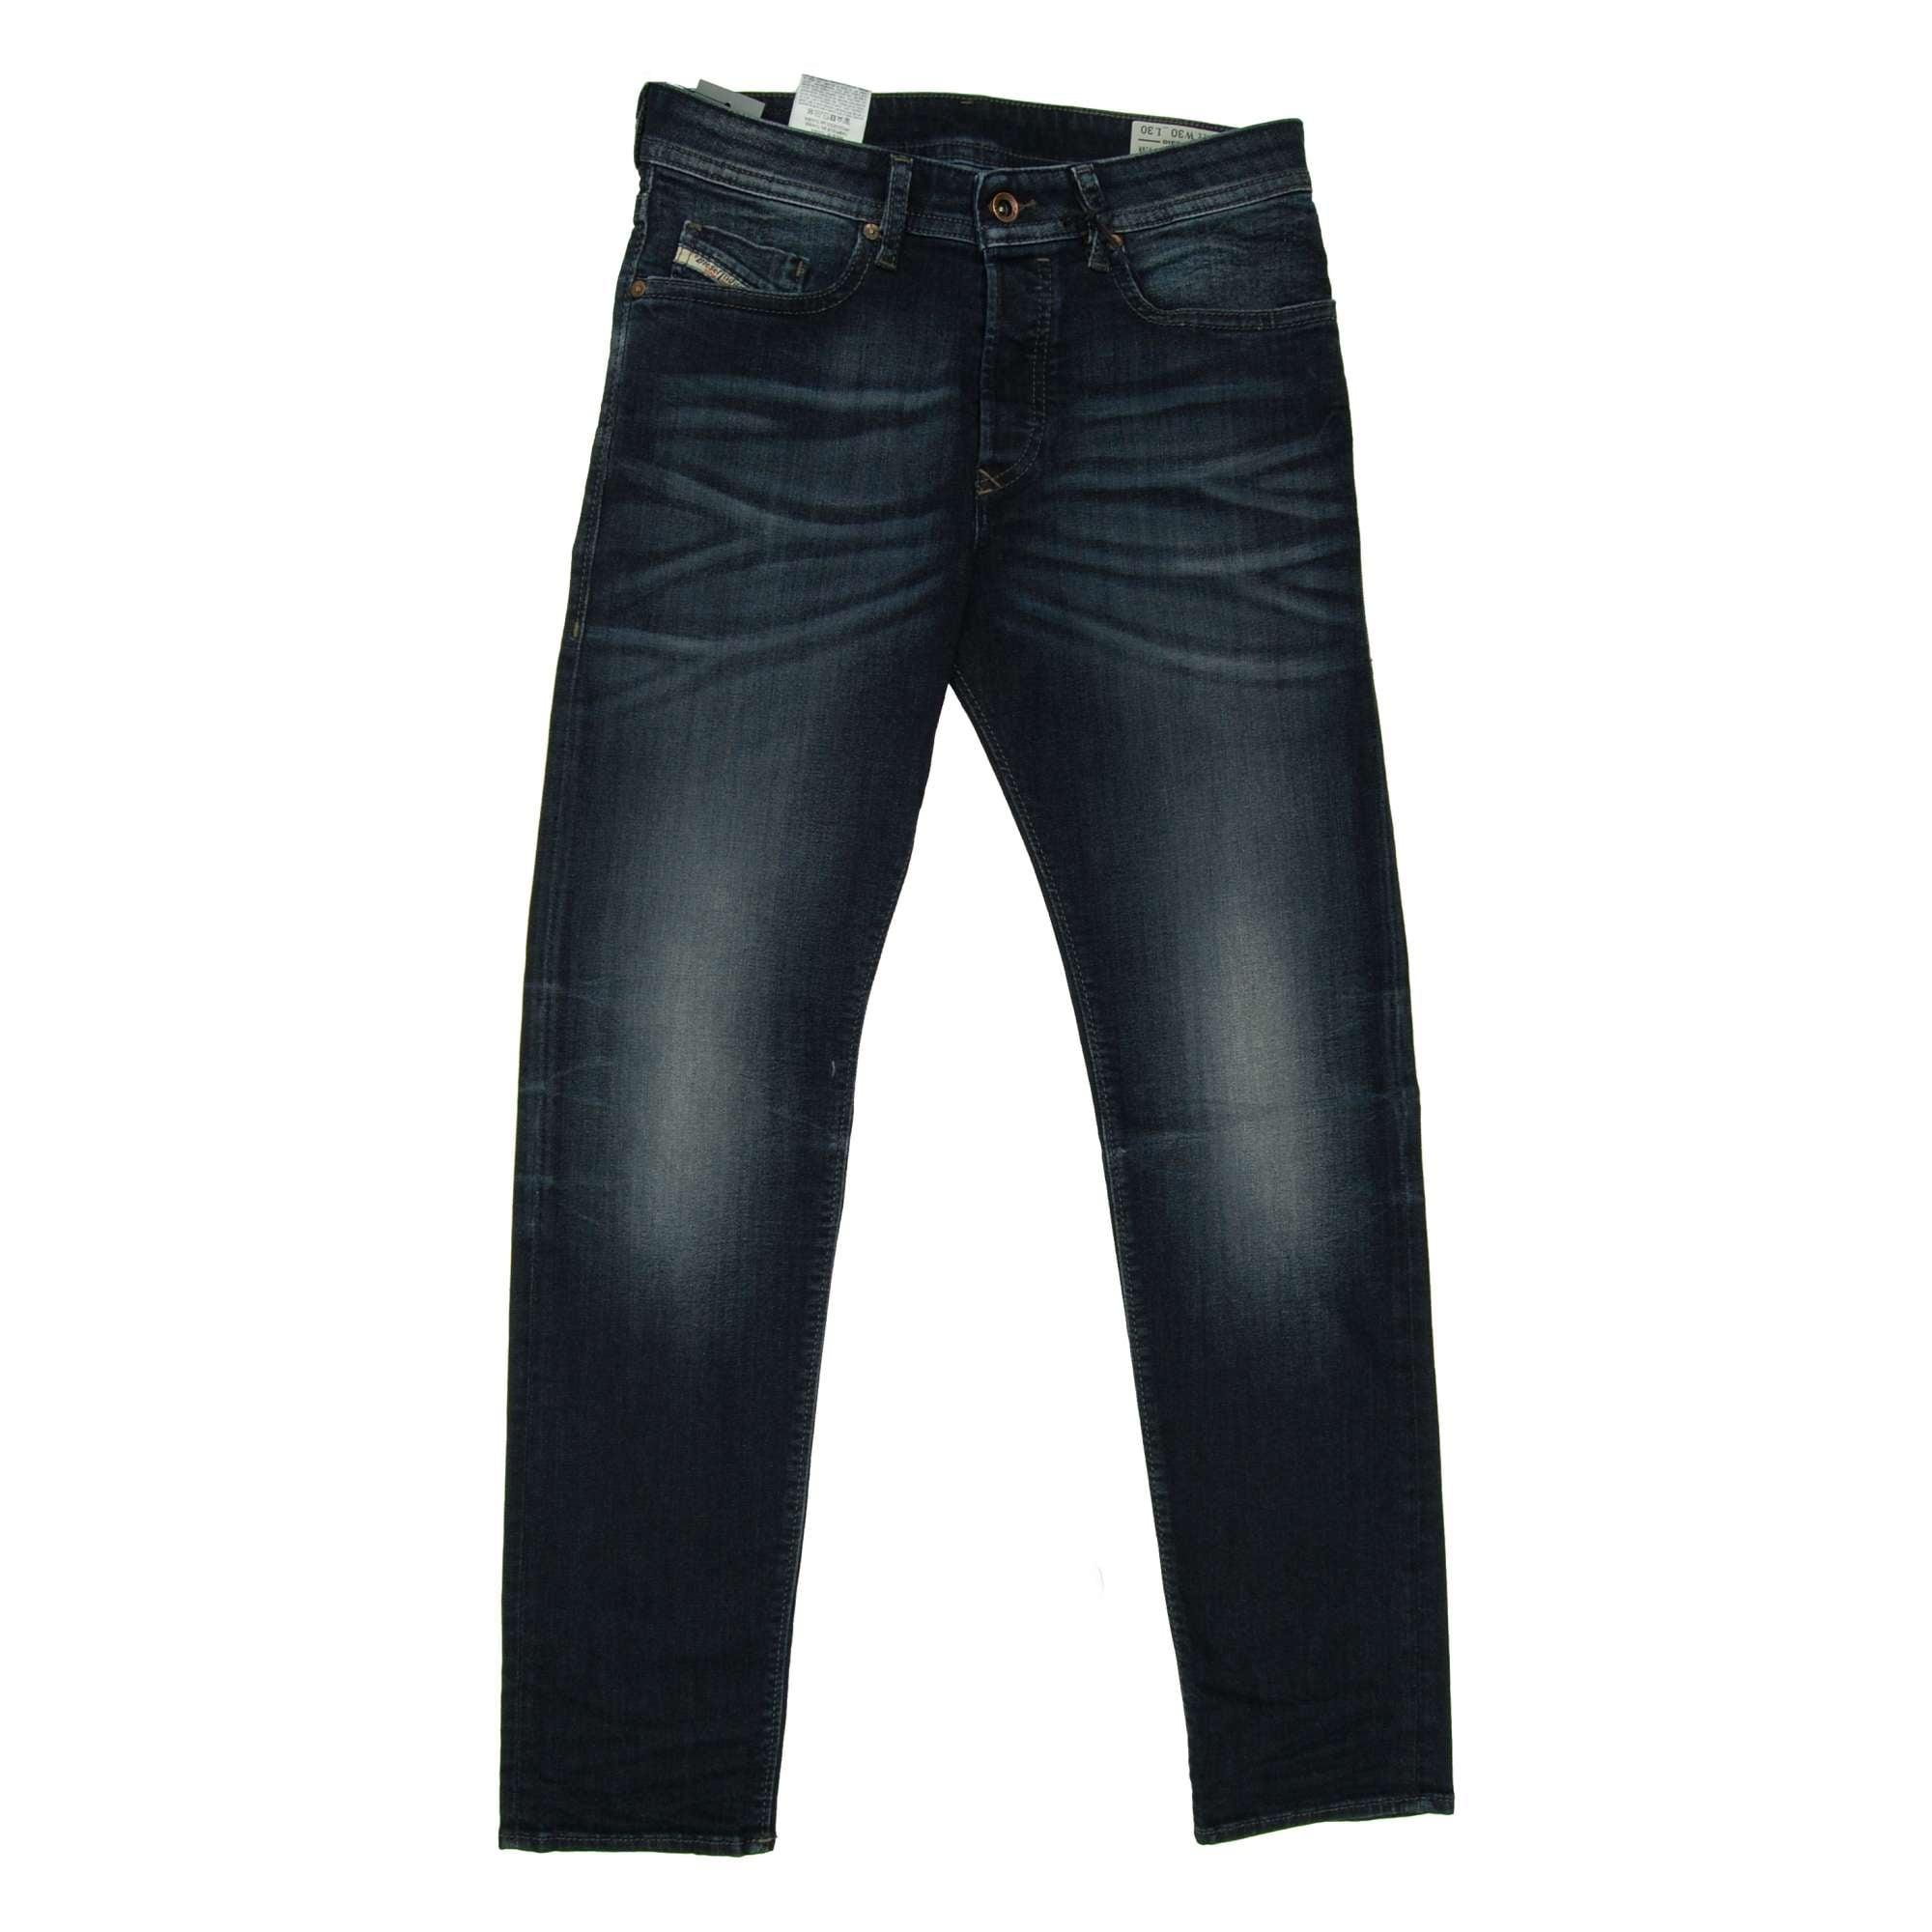 diesel buster jeans 853v stretch mens jeans from attic. Black Bedroom Furniture Sets. Home Design Ideas